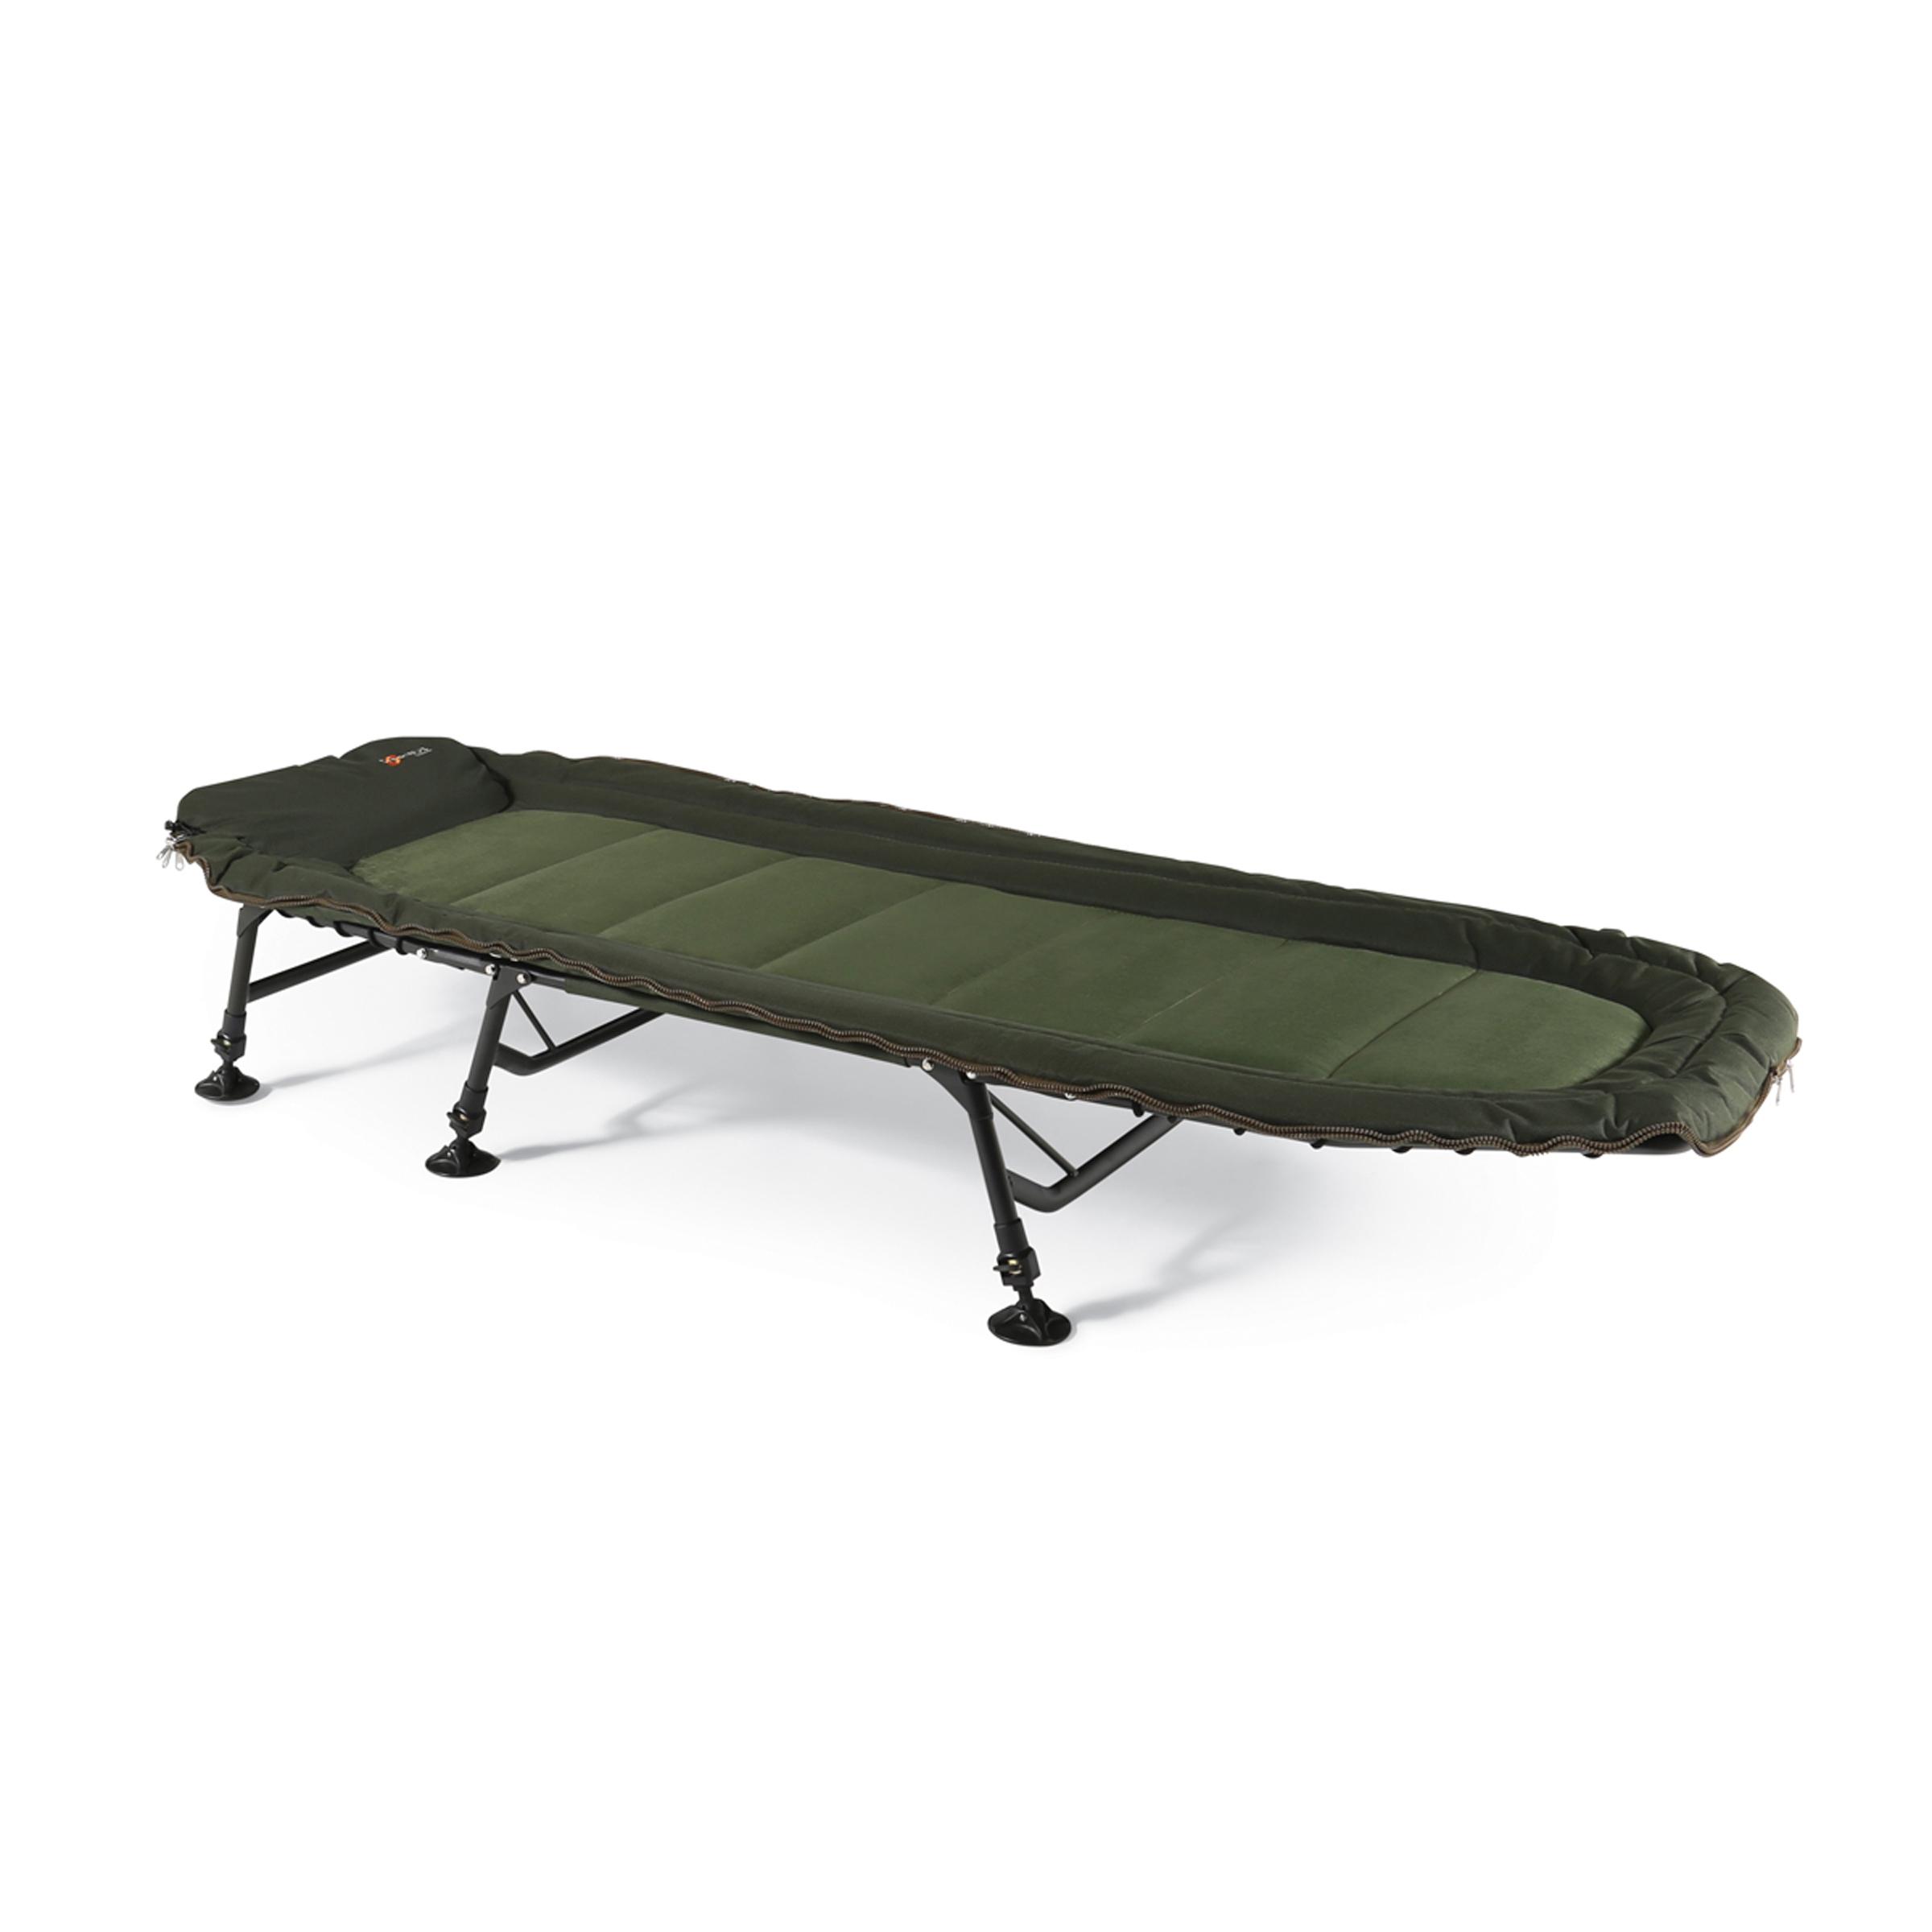 fishing chair base arthrex beach cyprinus 6 leg carp bed bedchair and 5 season